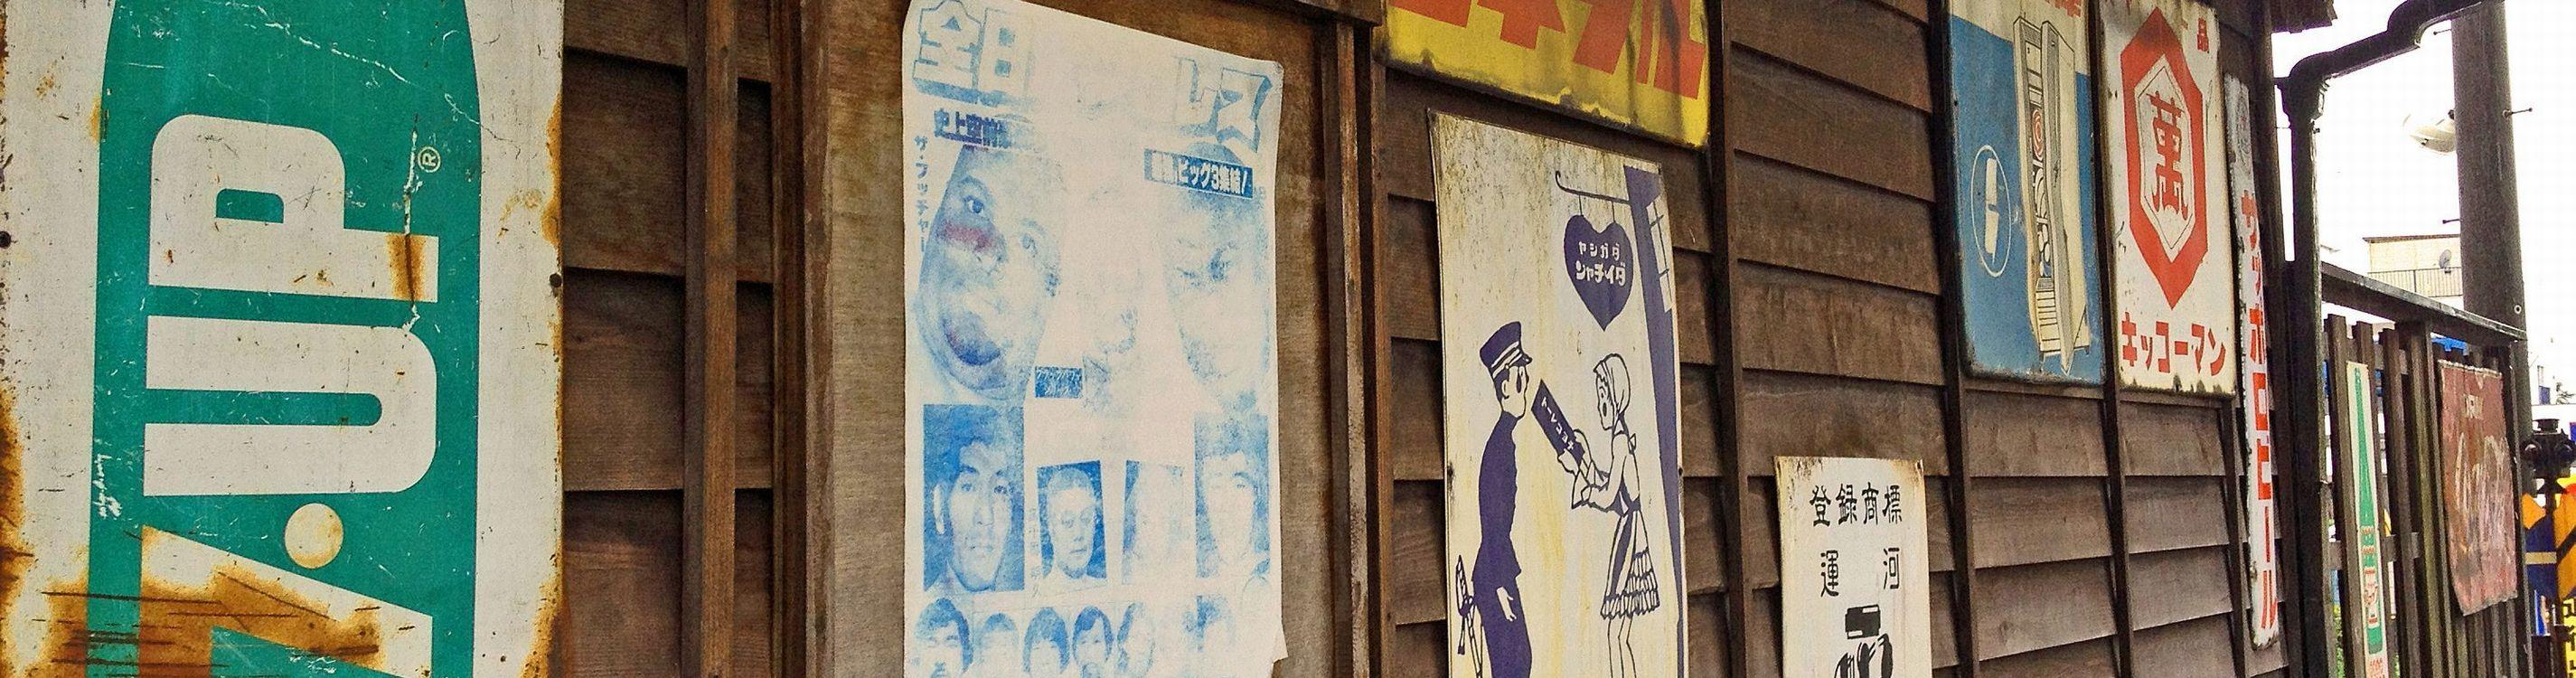 調布市立川市八王子市の看板製作